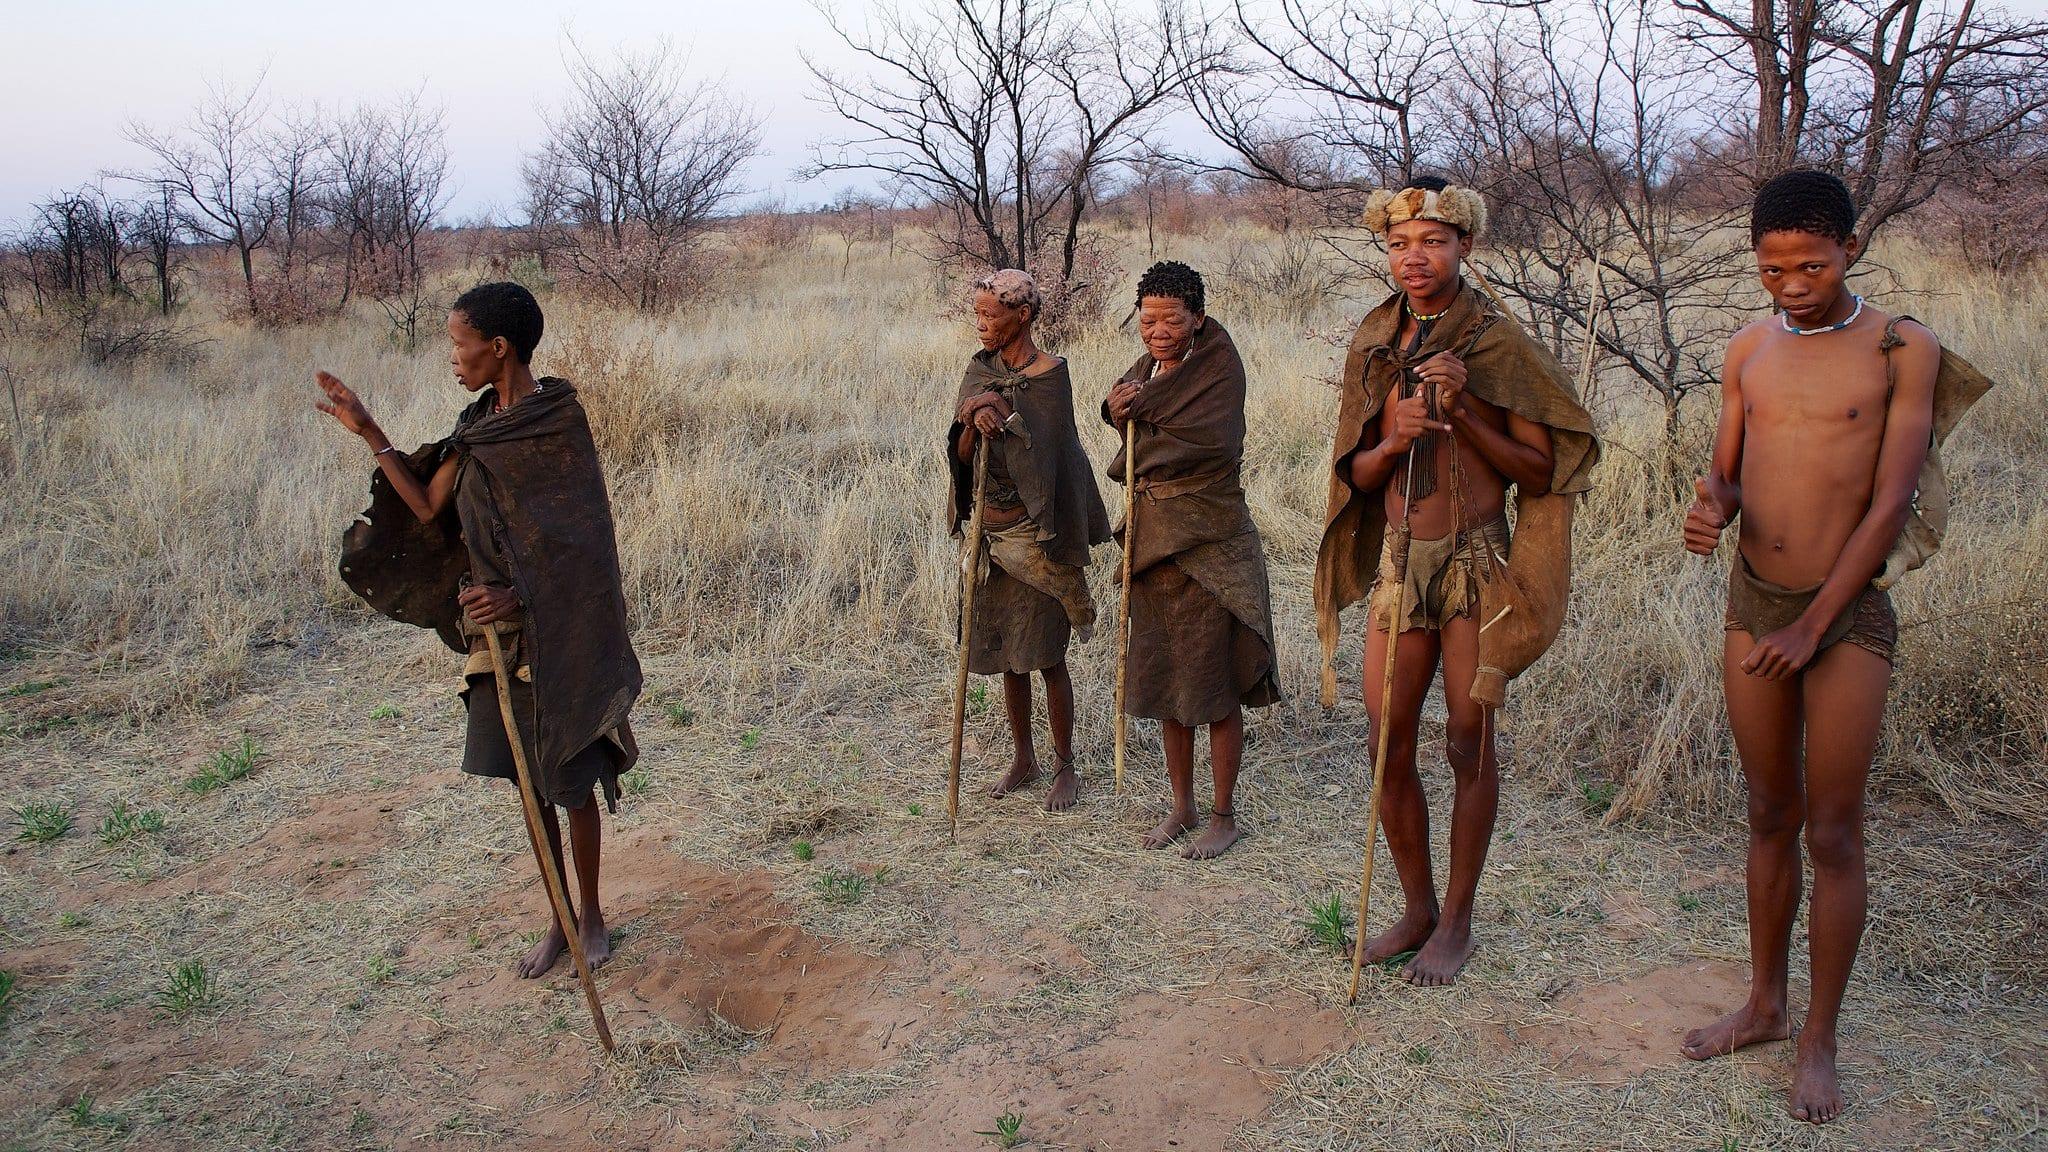 San Bushmen Tribe